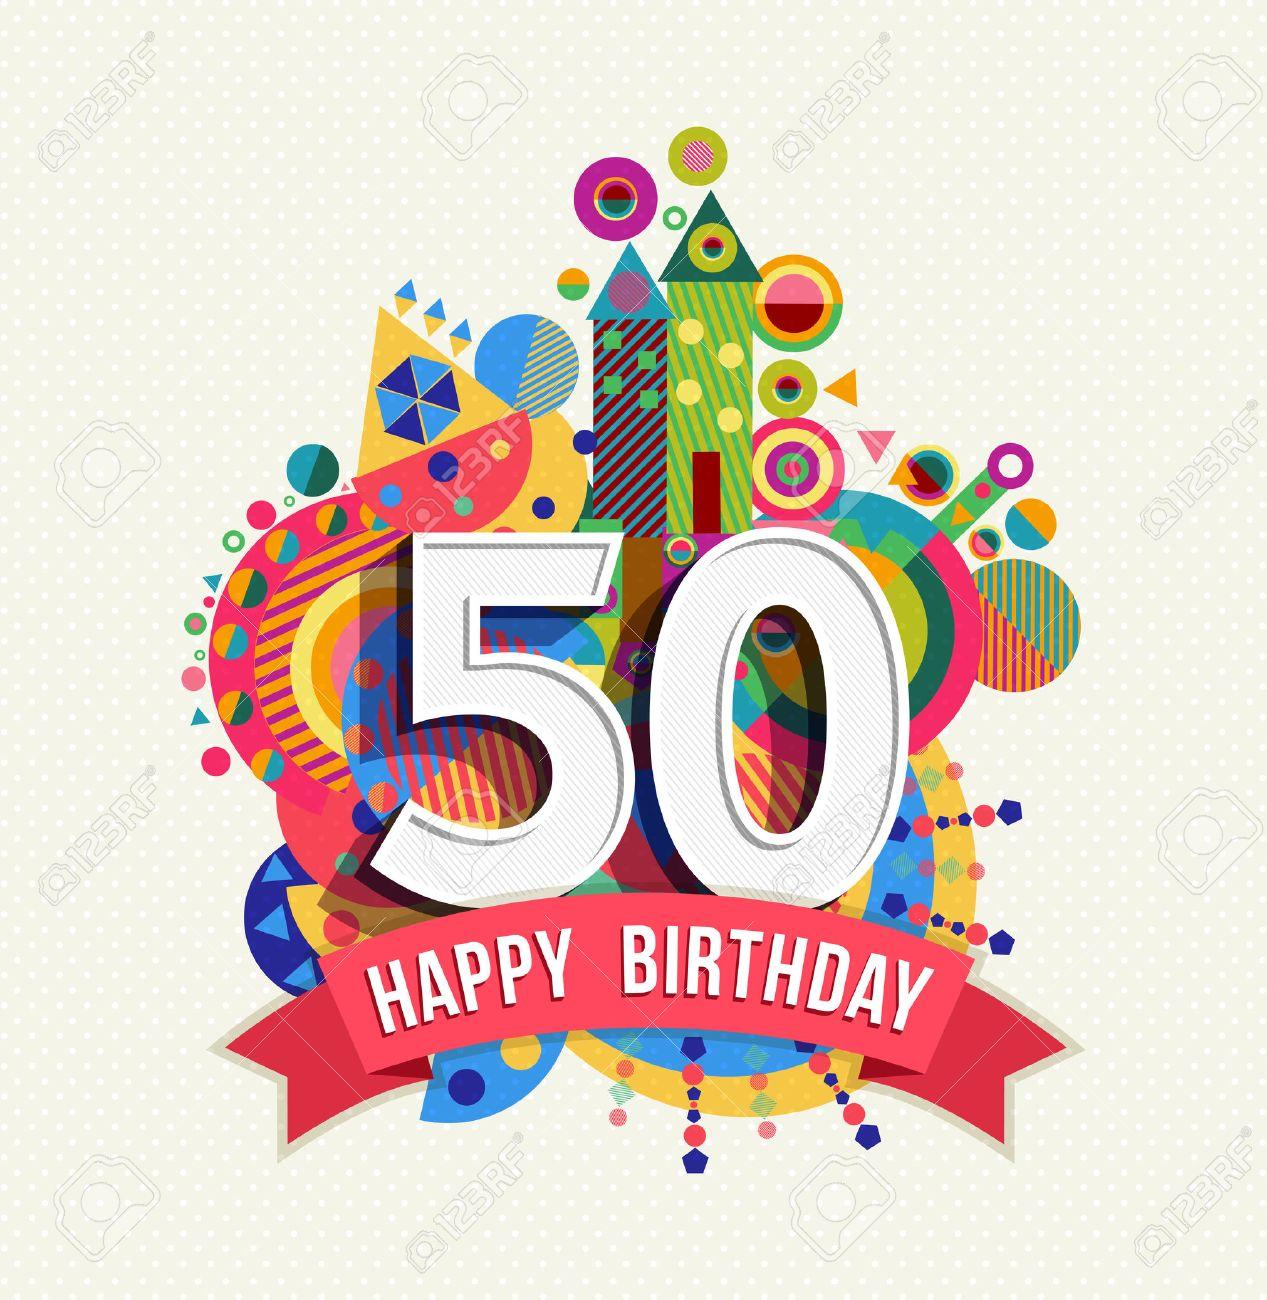 Feliz Cumpleaños Cincuenta Y 50 Años De Diseño De La Diversión Con El Número Etiqueta De Texto Y Colorido Elemento De Geometría Ideal Para El Cartel